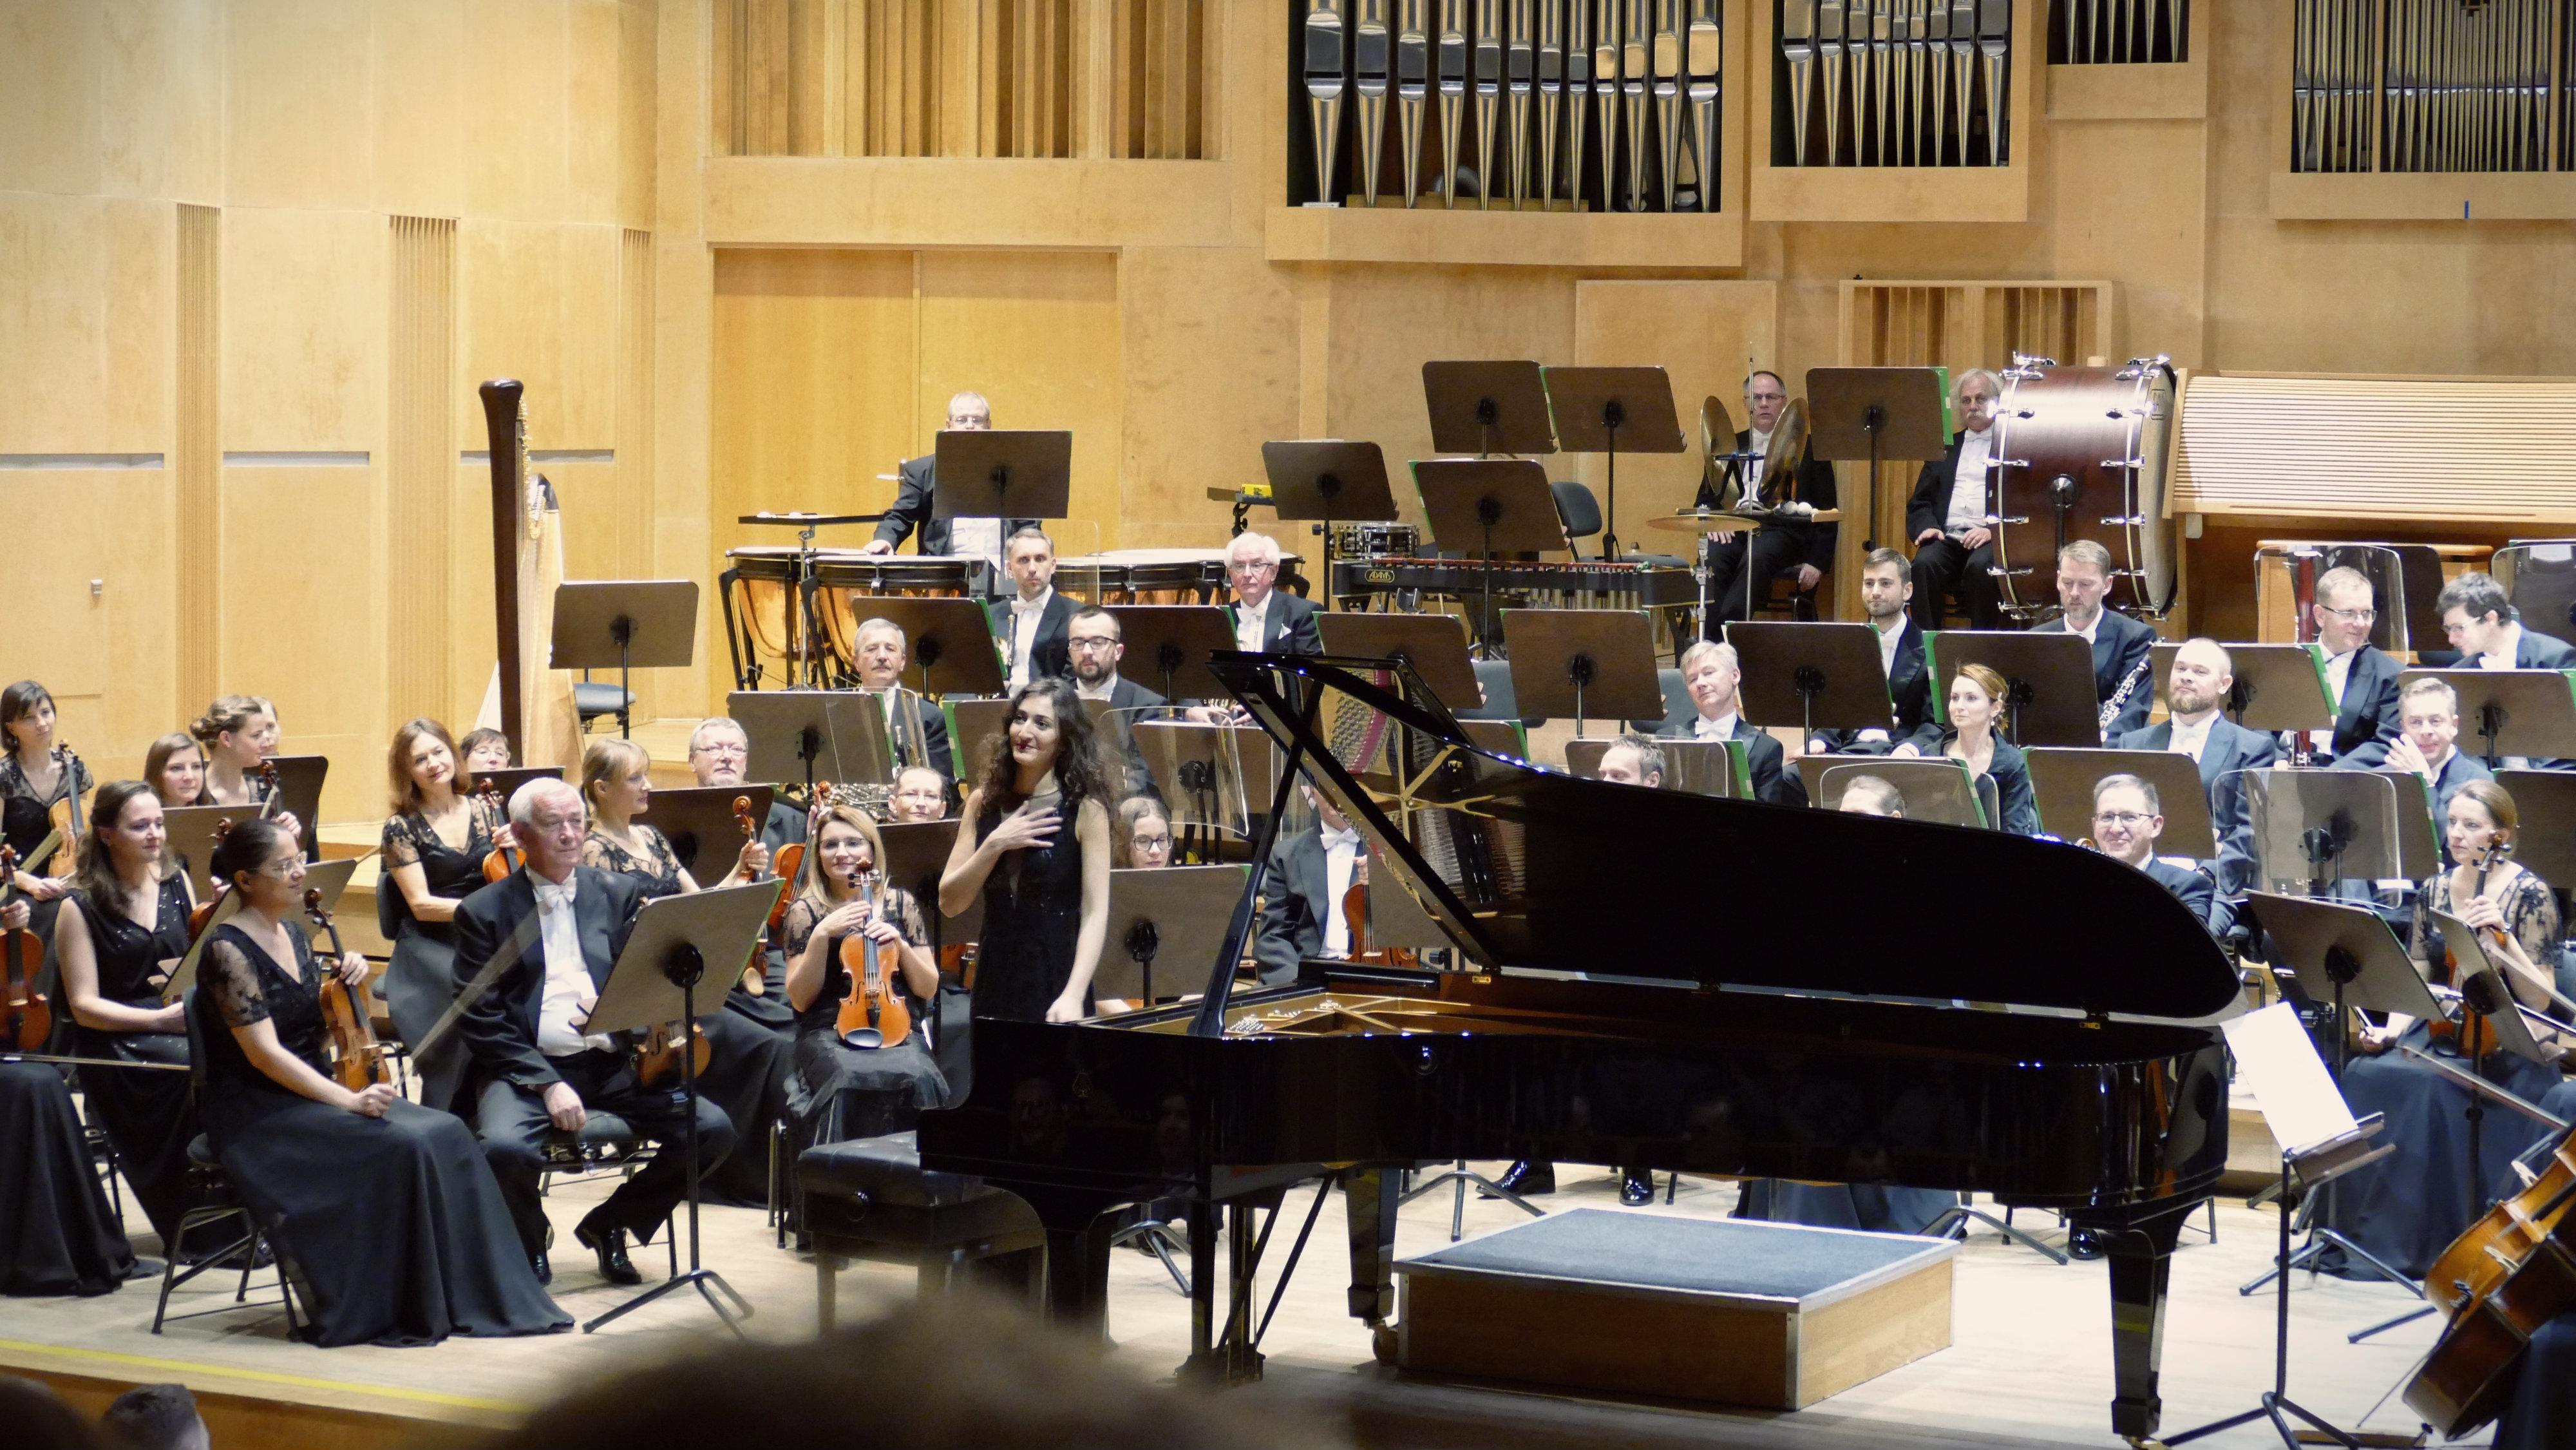 Francuska pianistka porwała opolską publiczność. Za nami podwójna Strefa gwiazd w filharmonii [ZDJĘCIA]